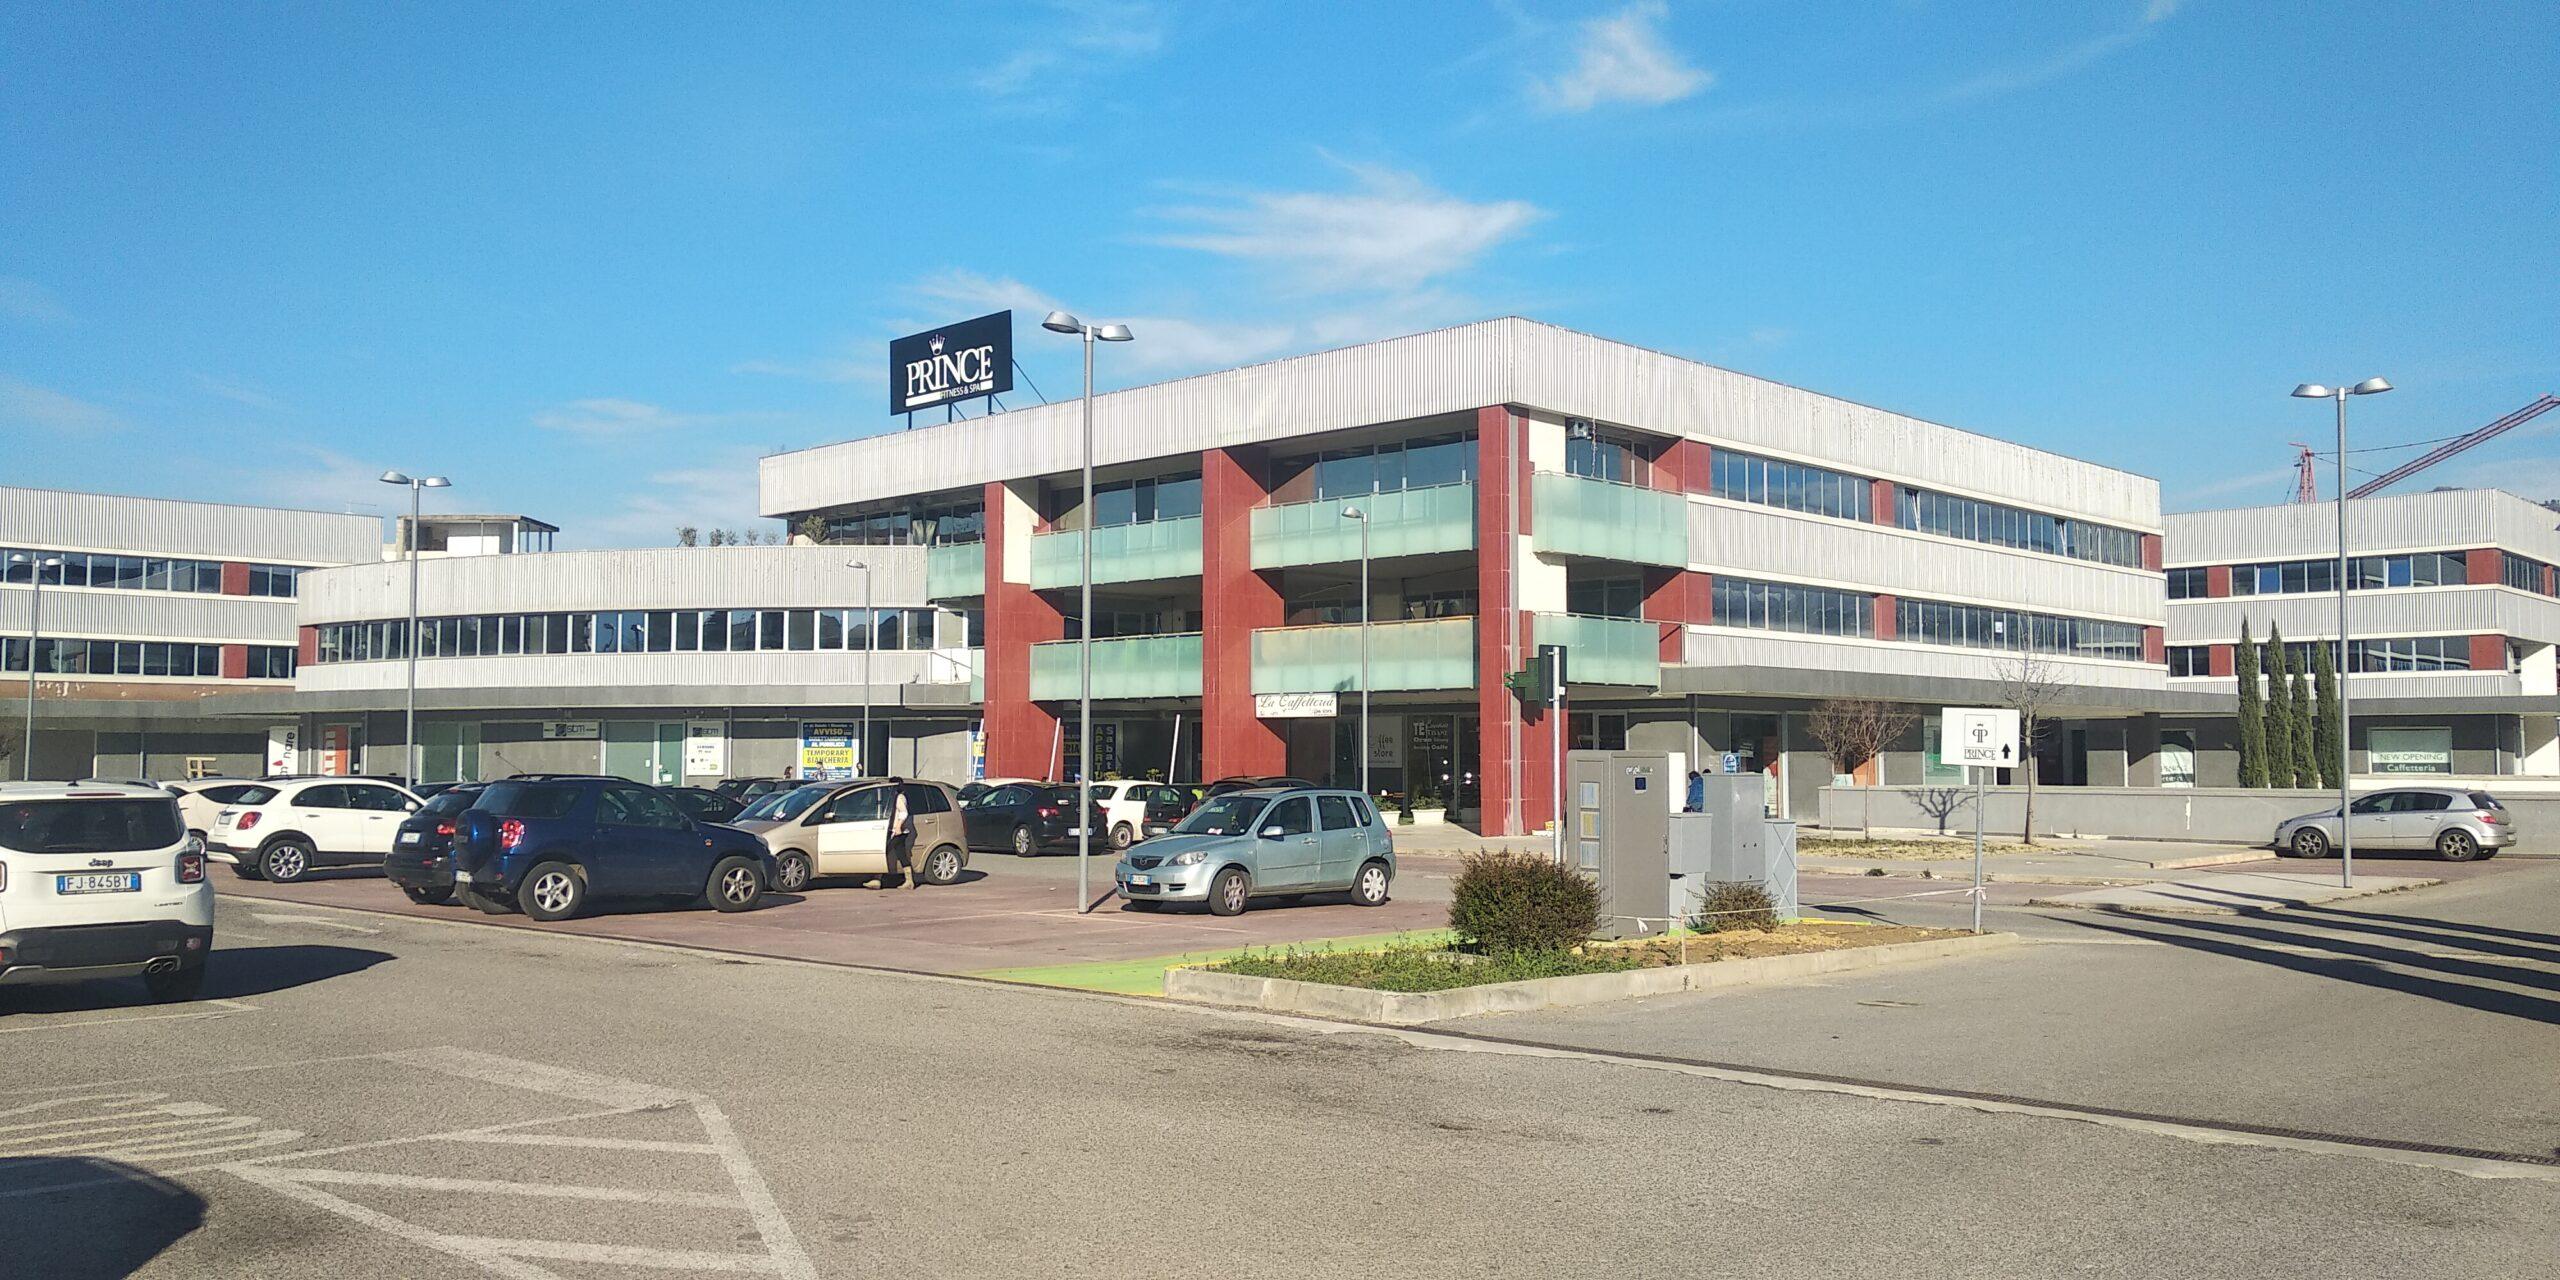 centro commerciale e uffici scaled